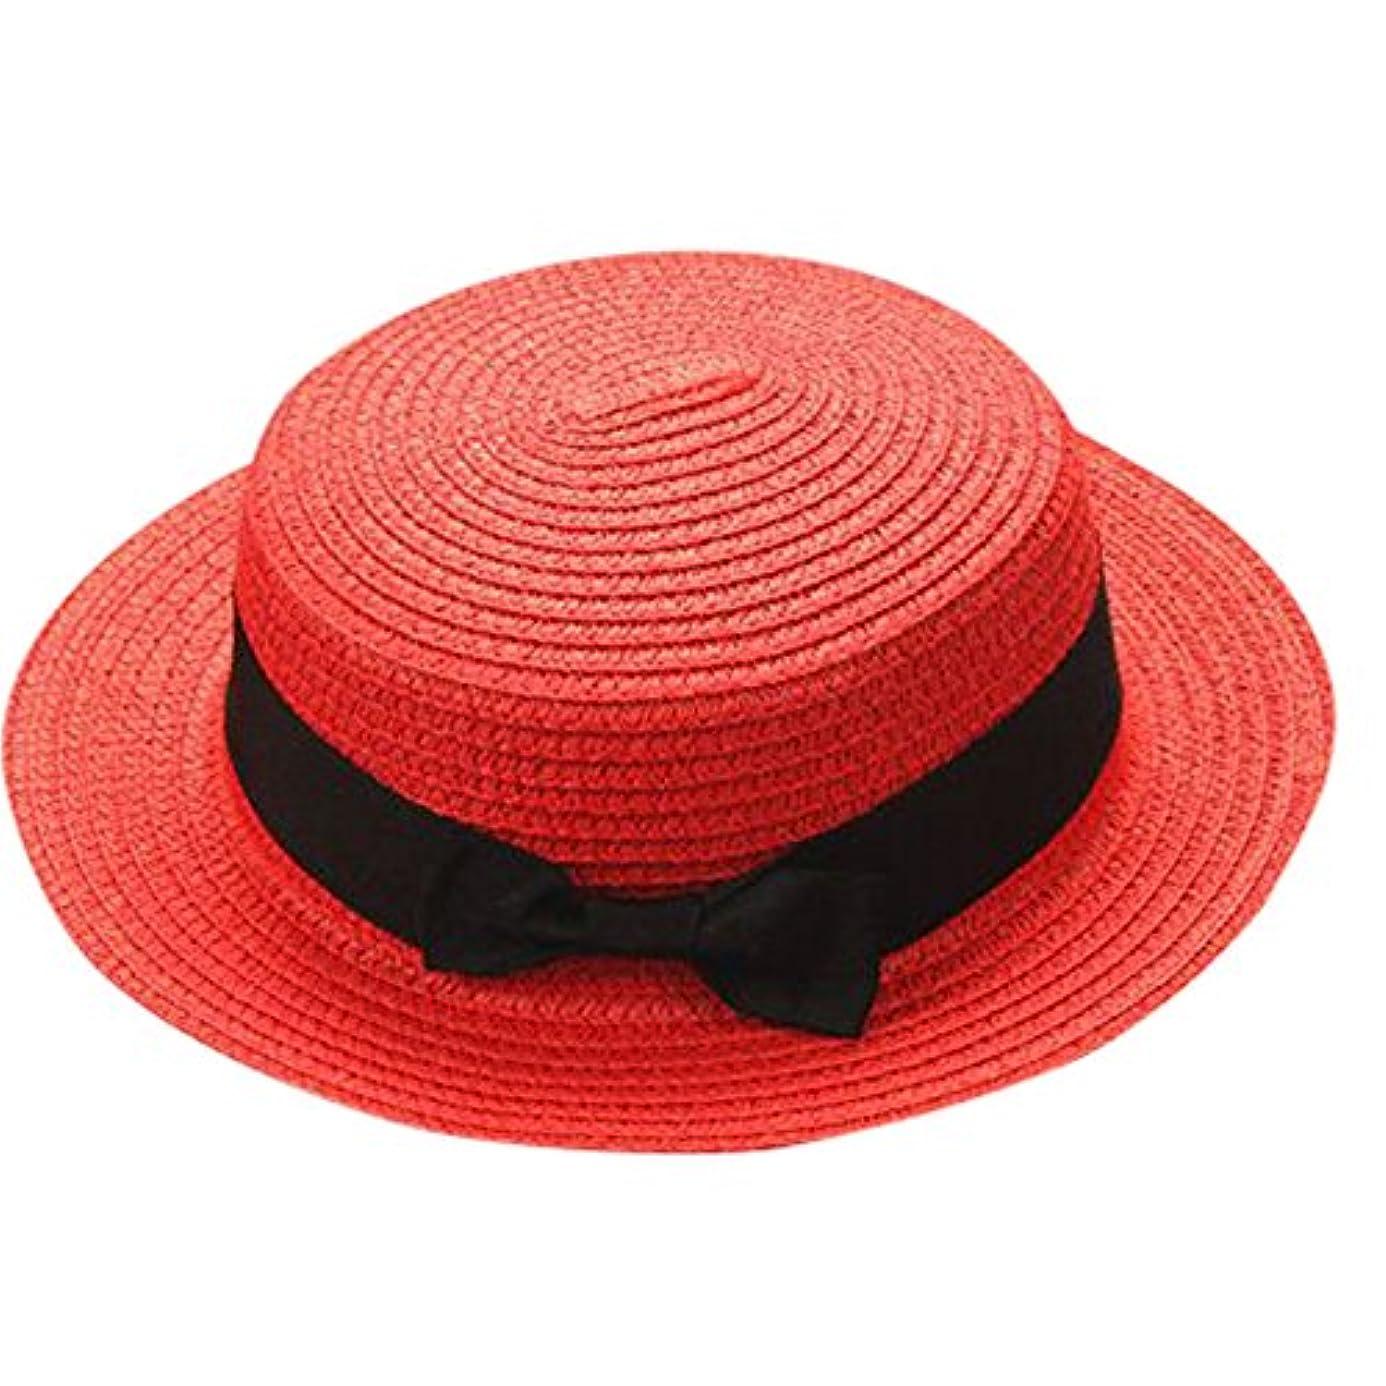 強化ライバル経験キャップ キッズ 日よけ 帽子 小顔効果抜群 旅行用 日よけ 夏 ビーチ 海辺 かわいい リゾート 紫外線対策 男女兼用 日焼け防止 熱中症予防 取り外すあご紐 つば広 おしゃれ 可愛い 夏 ROSE ROMAN